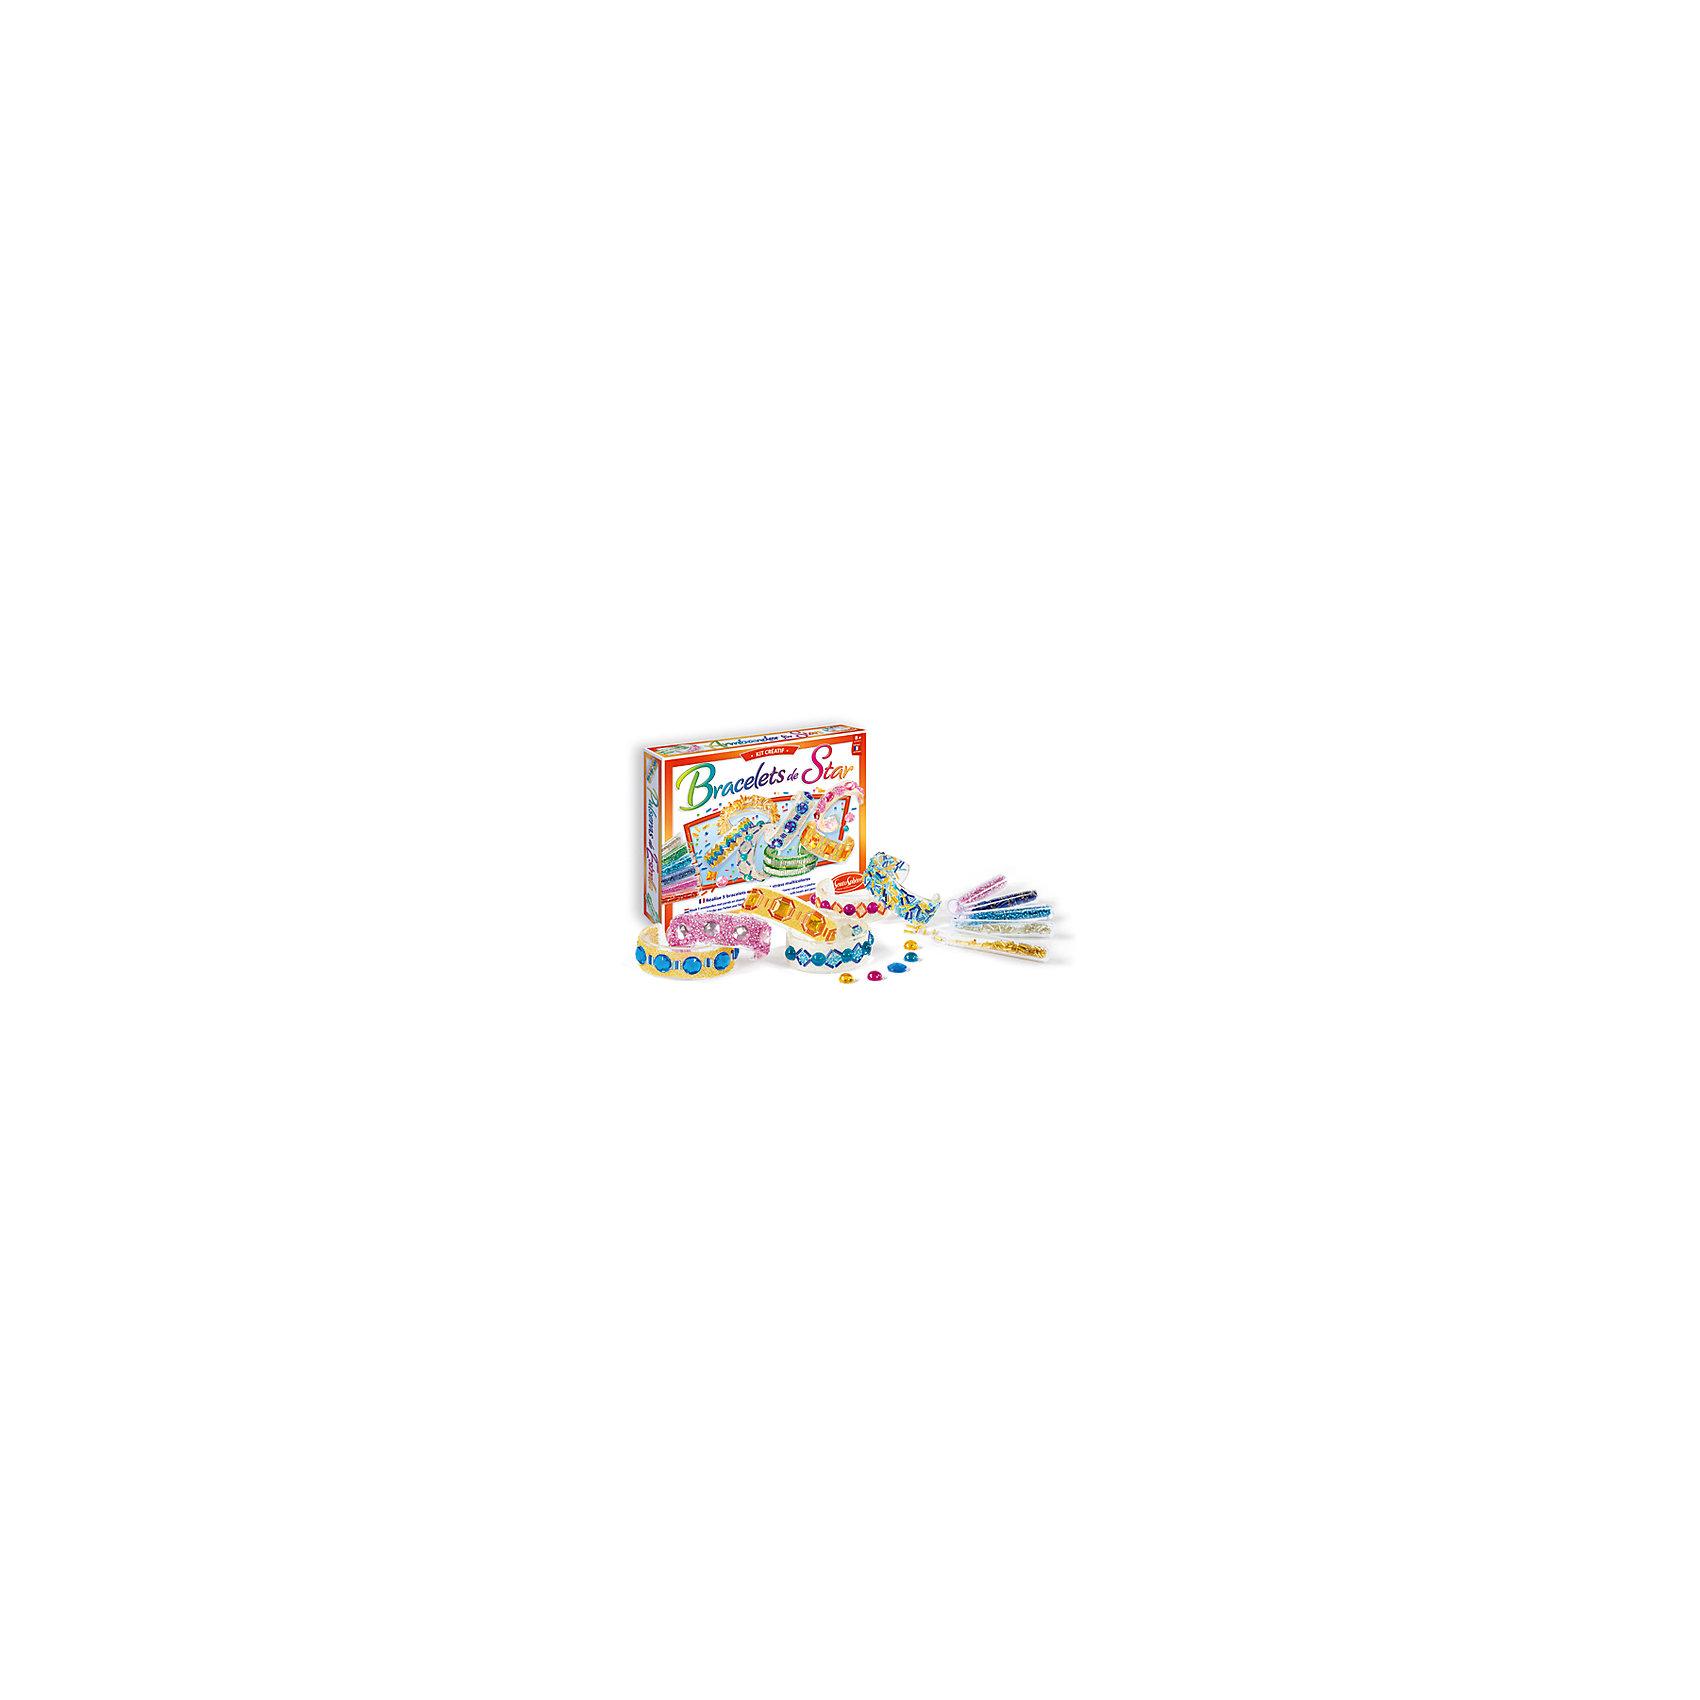 Создание украшений Звездные браслетыСоздание украшений Звездные браслеты – это прекрасный набор для детского творчества.<br>С помощью набора для создания украшений Звездные браслеты Вы сможете создать 5 восхитительных, модных браслетов, которые можно усыпать бисером или акриловыми бриллиантами по вашему вкусу или в соответствии с вашим стилем или нарядом. Все детали набора изготовлены из высококачественных и гипоаллергенных материалов. Набор продается в яркой красочной коробке и идеально подходит для подарка.<br><br>Дополнительная информация:<br><br>- В наборе: 5 браслетов 5-6 см в диаметре; 11 тюбиков бисера; 20 акриловых бриллиантов; специальная клеевая планка; подробная инструкция<br>- Размер упаковки: 25 x 4 x 20 см.<br>- Вес: 400 гр.<br><br>Набор Создание украшений Звездные браслеты можно купить в нашем интернет-магазине.<br><br>Ширина мм: 250<br>Глубина мм: 40<br>Высота мм: 200<br>Вес г: 400<br>Возраст от месяцев: 96<br>Возраст до месяцев: 156<br>Пол: Женский<br>Возраст: Детский<br>SKU: 4305780